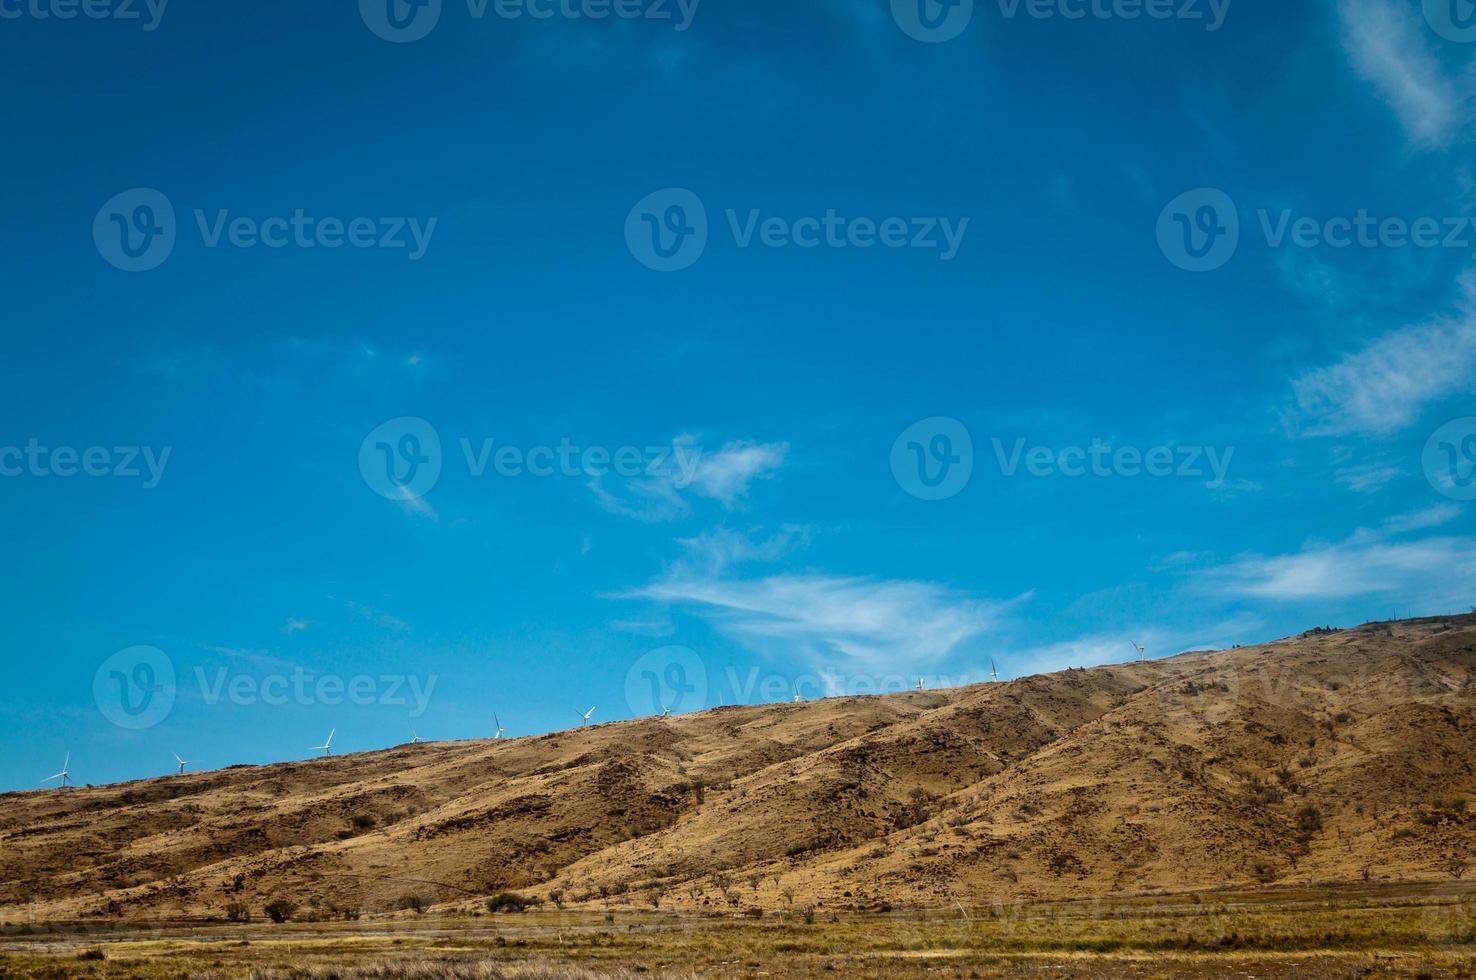 verre windturbines op een droge heuvel foto